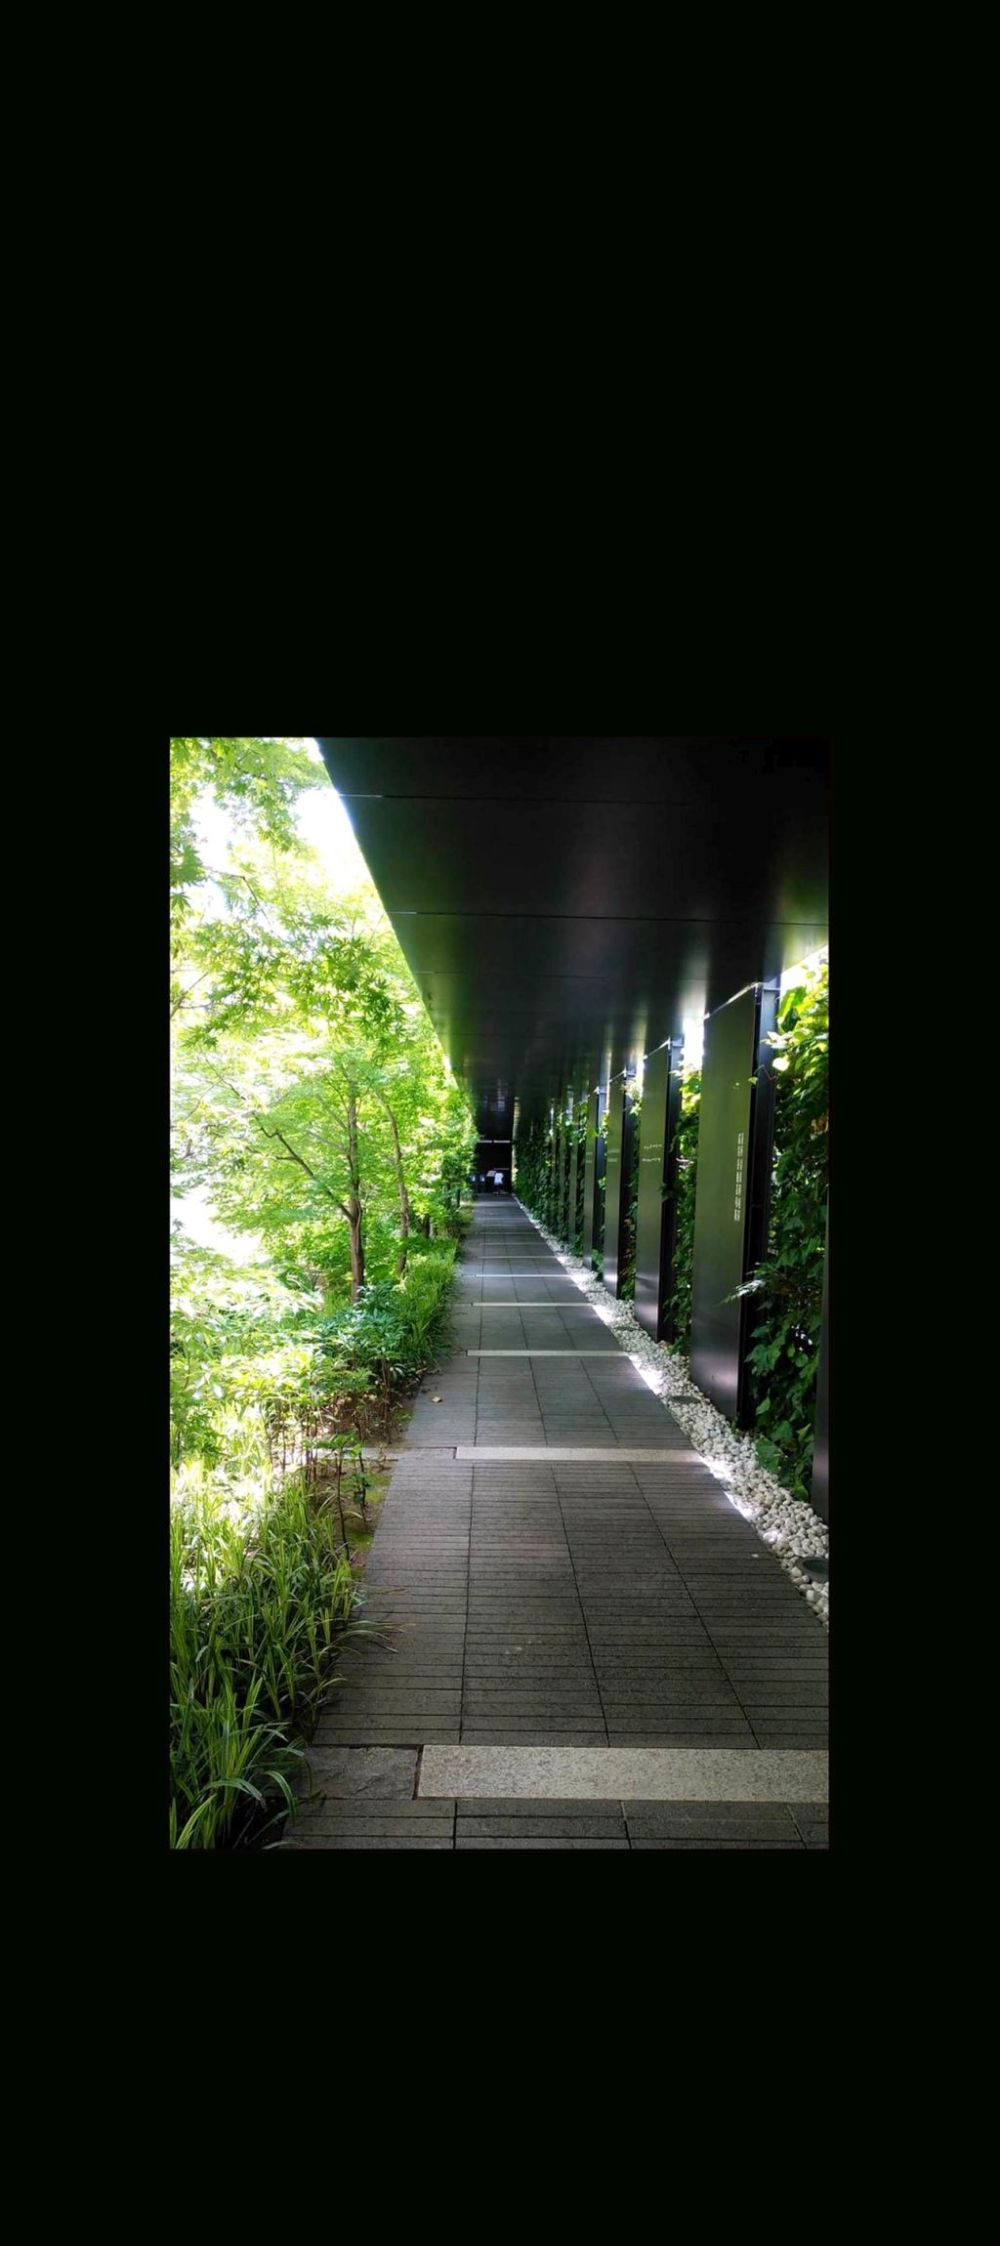 Courtyard Passa.ge of The Toyo Bunko Museum